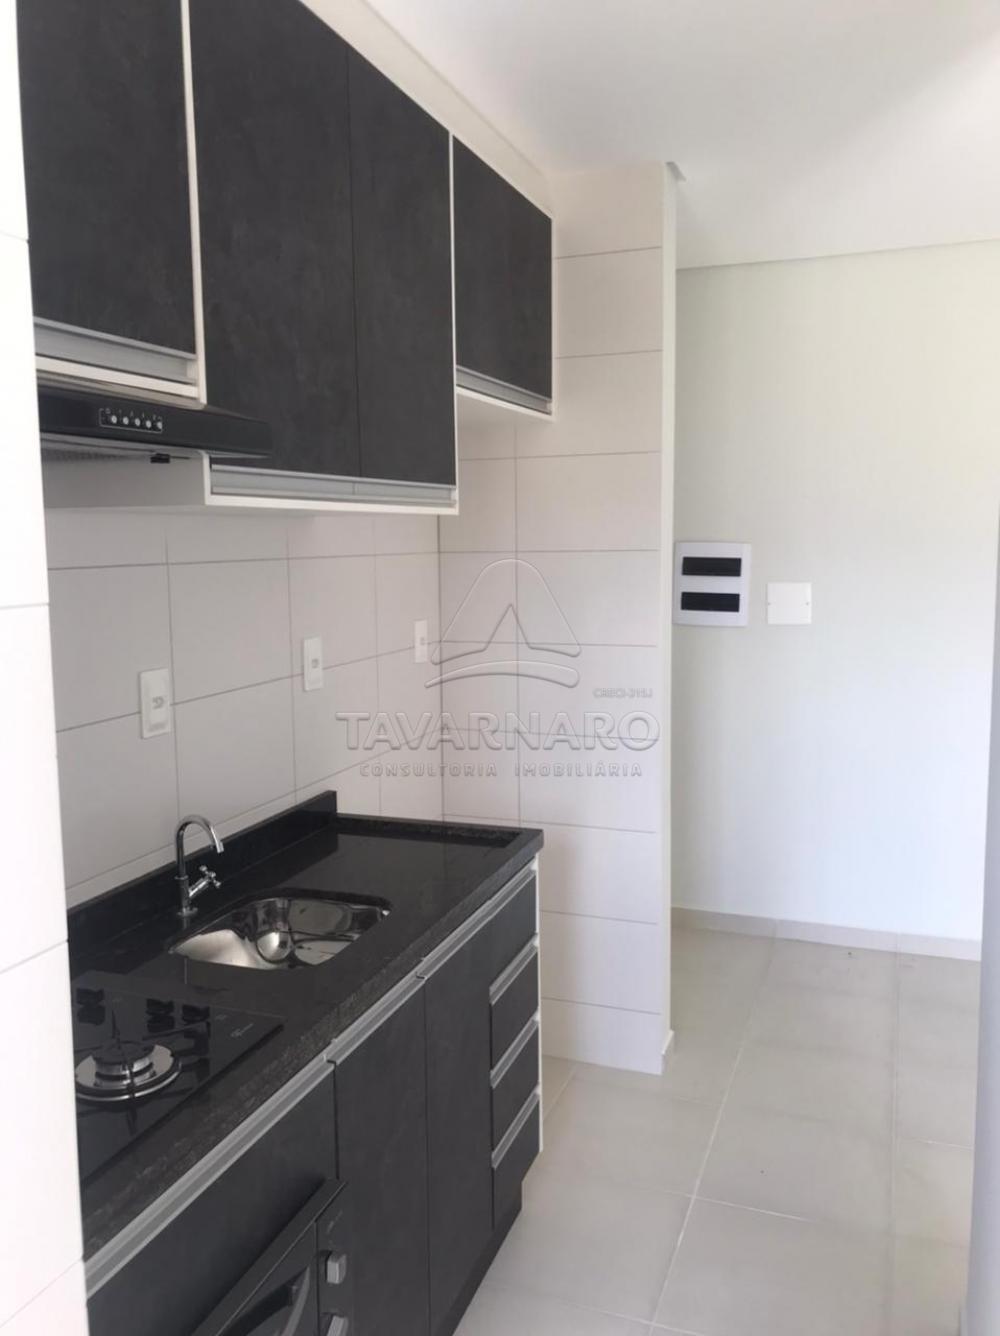 Comprar Apartamento / Padrão em Ponta Grossa R$ 170.000,00 - Foto 8